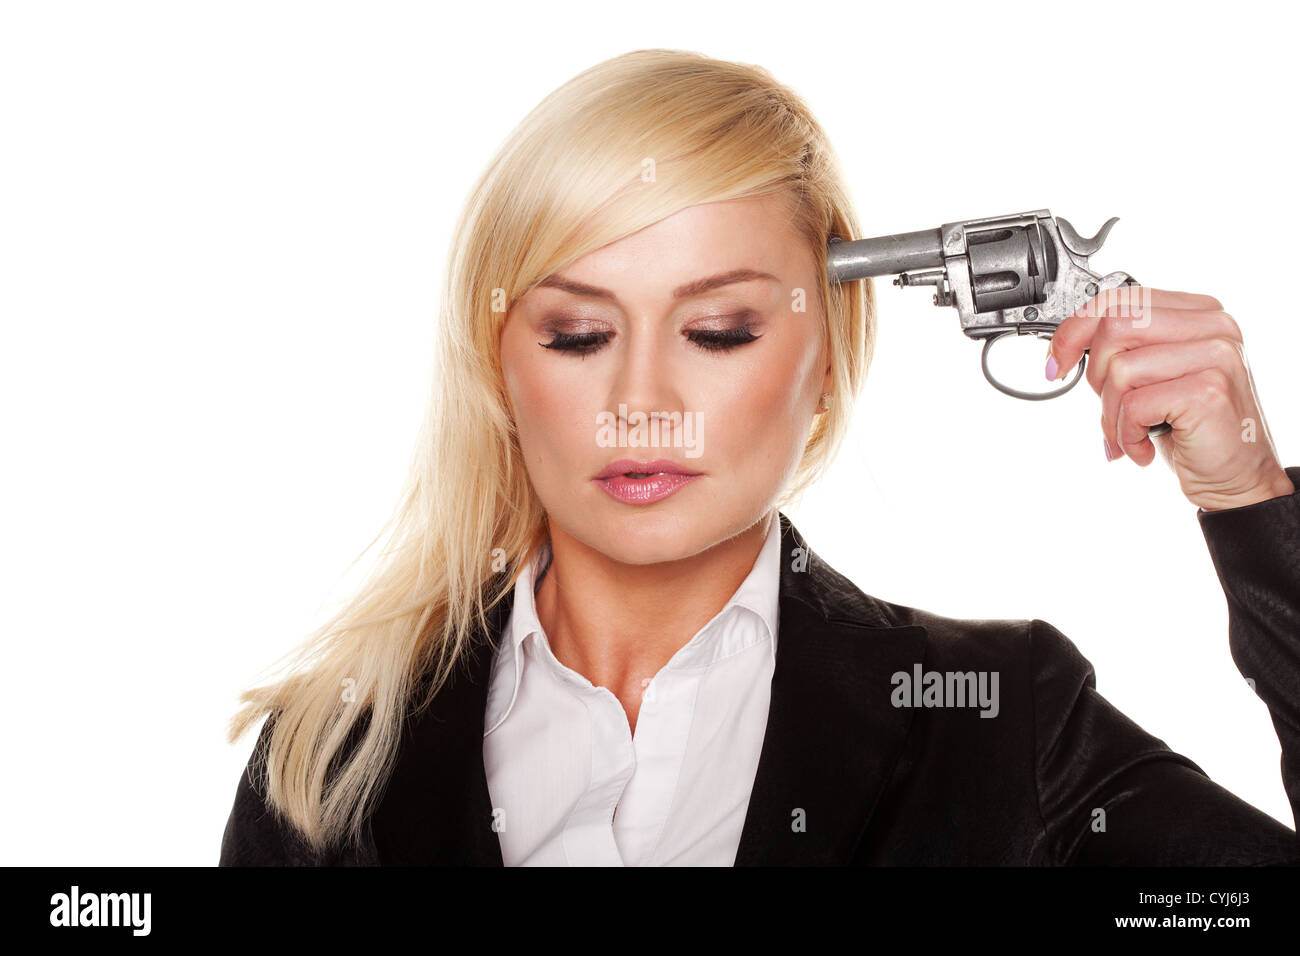 Mujer joven profesional con el alicaído ojos con una pistola a su cabeza, en un intento de suicidio o en una Imagen De Stock